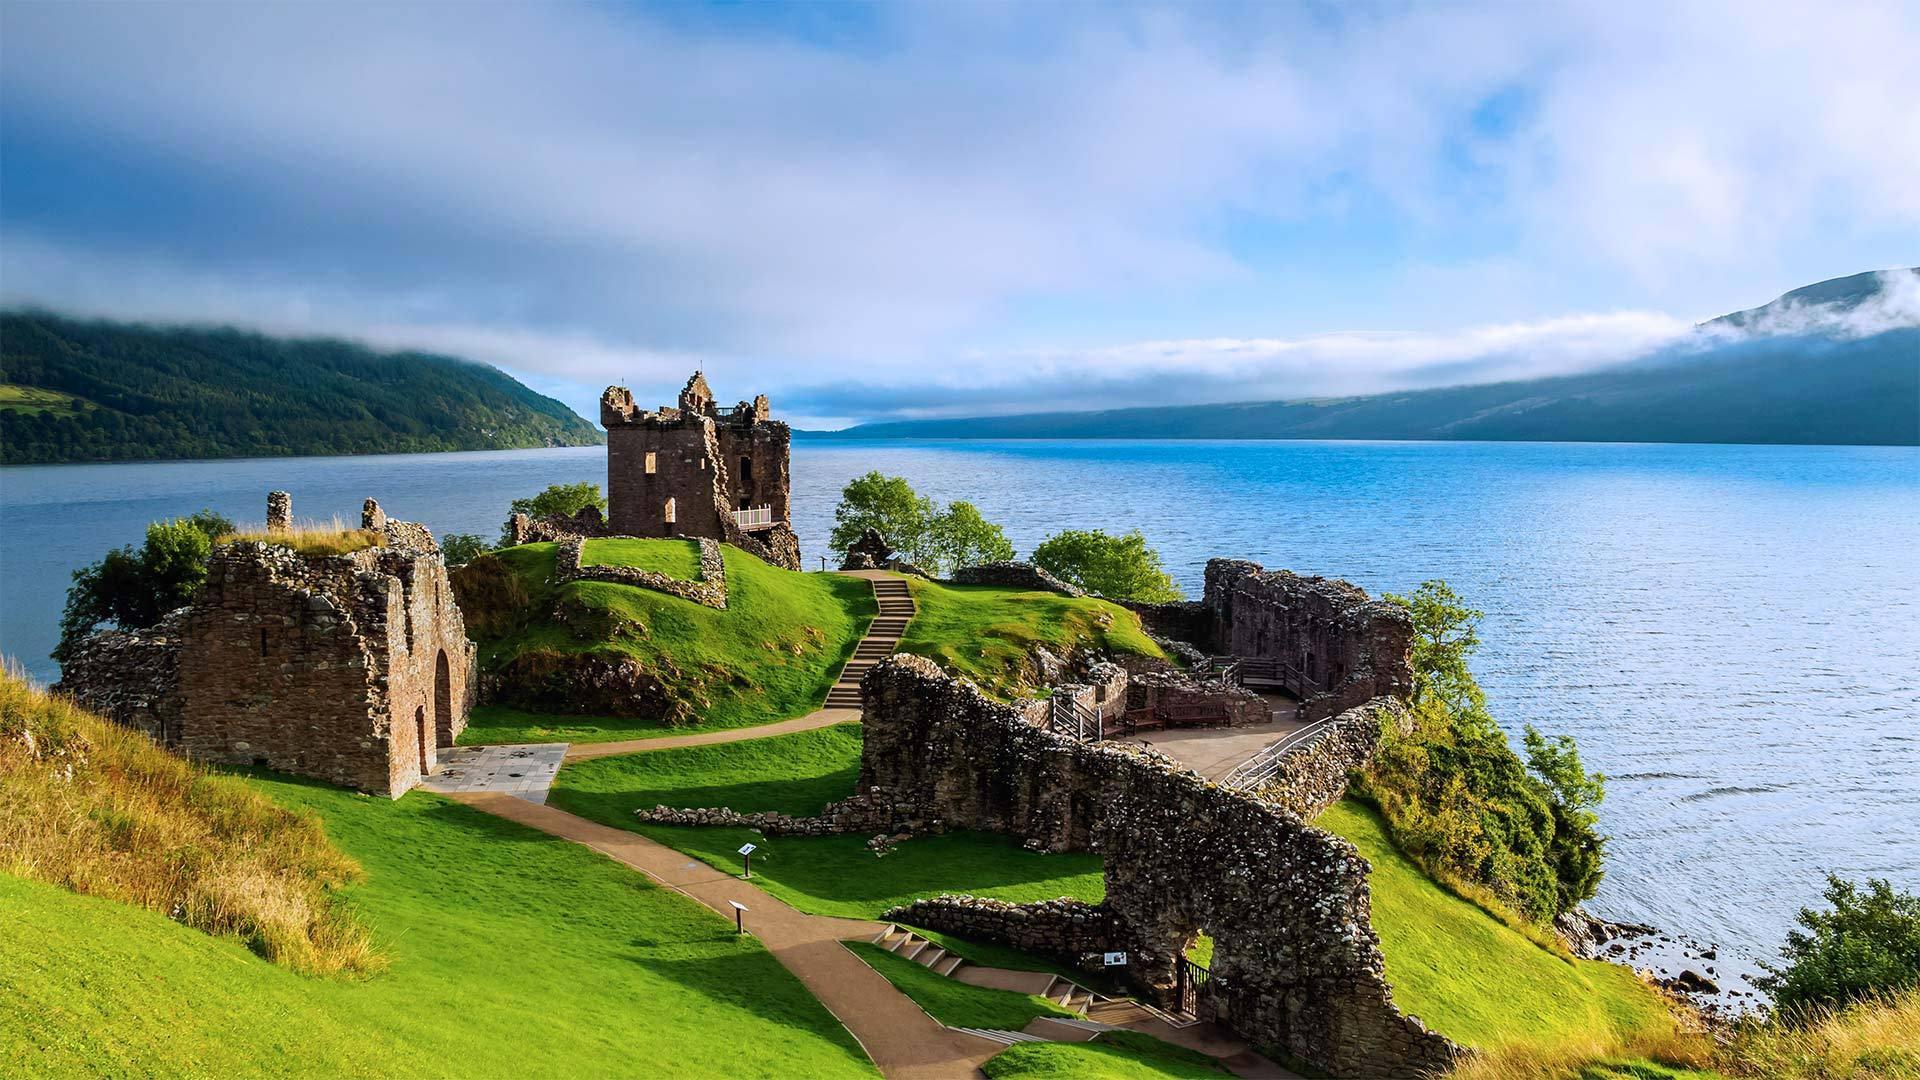 苏格兰高地上的厄克特城堡和内斯湖 苏格兰高地